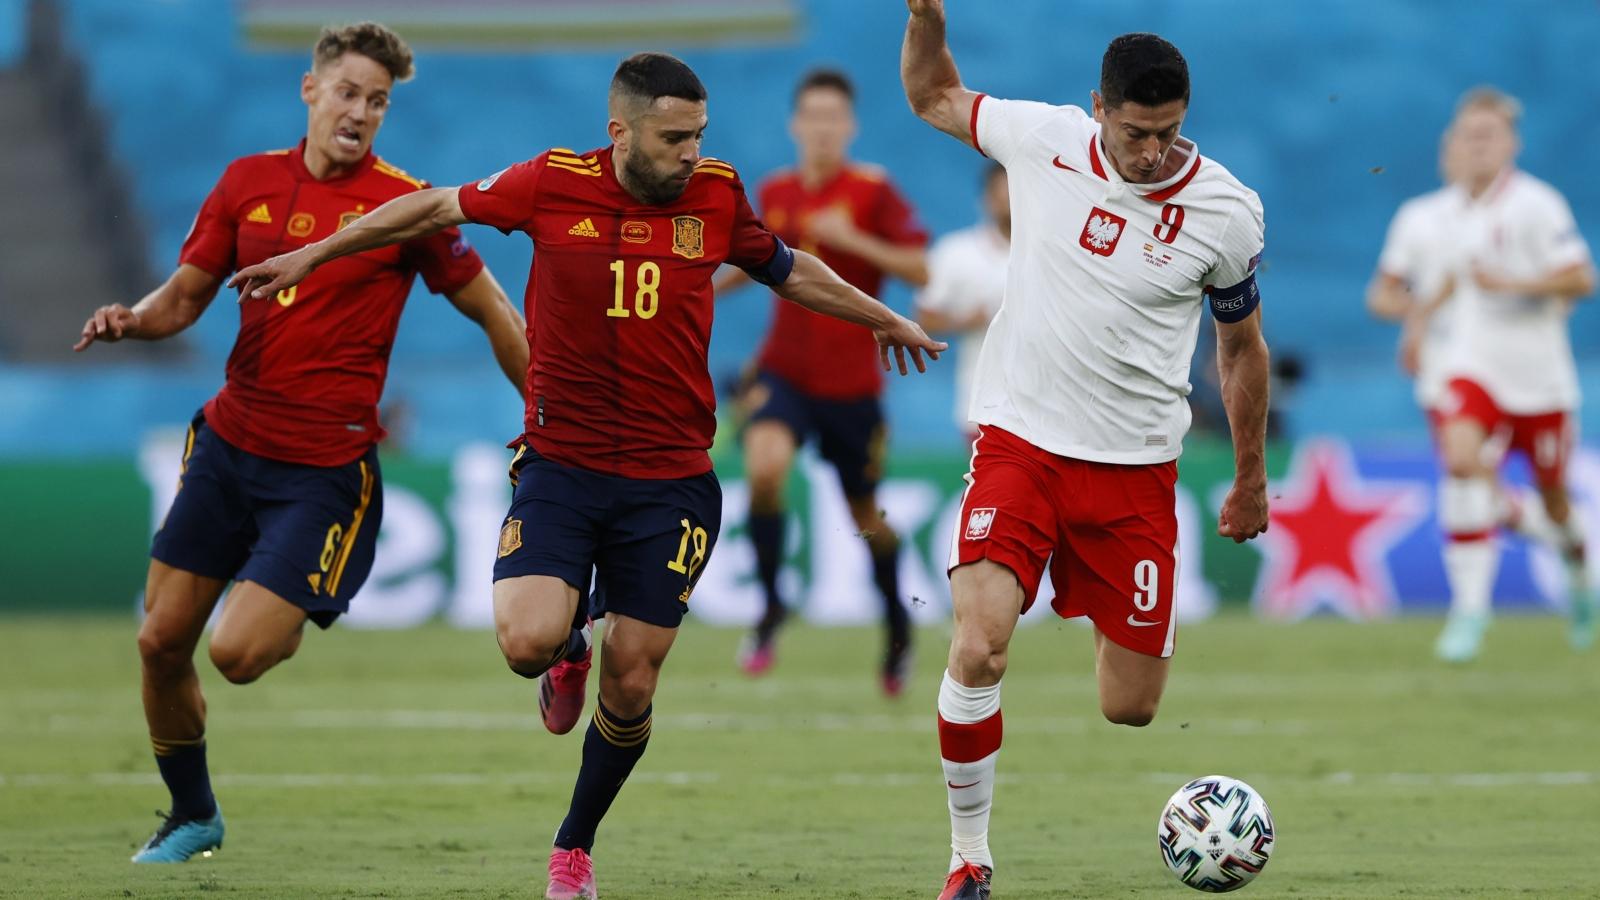 BXH các đội hạng 3 vòng bảng EURO 2021: Tây Ban Nha, Bồ Đào Nha lâm nguy